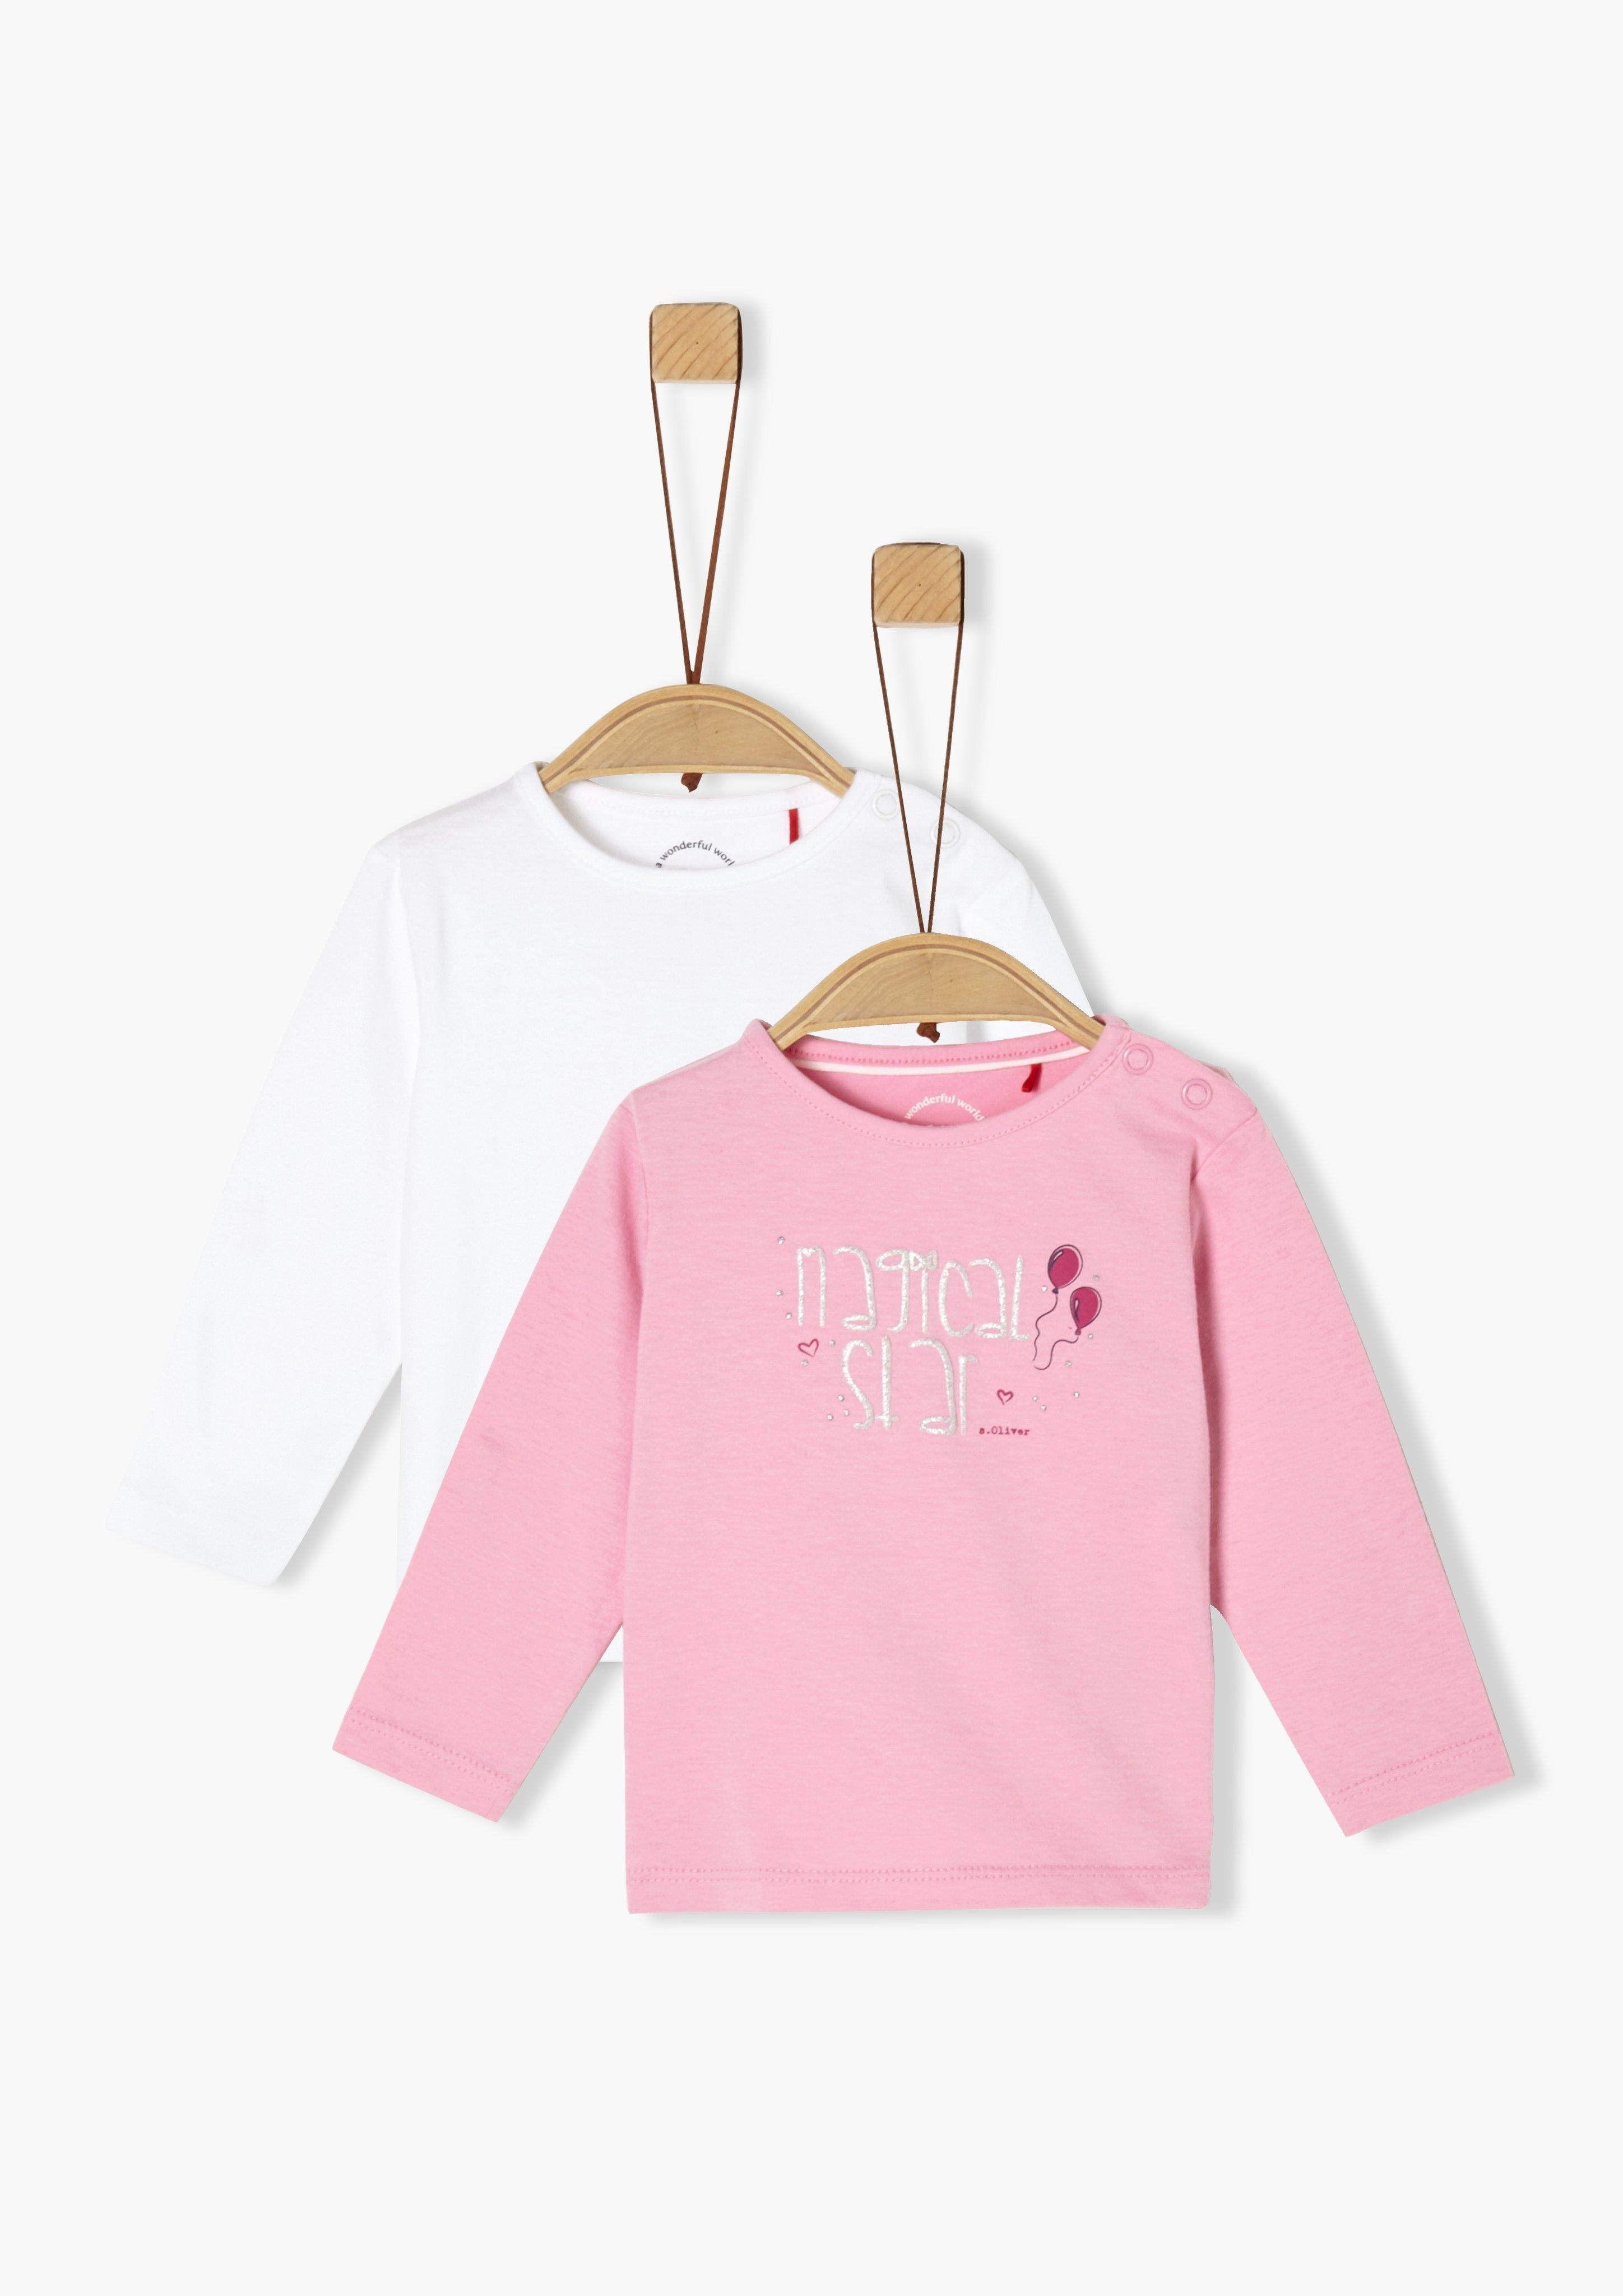 s.Oliver Set van 2-shirts met lange mouwen_voor baby's - gratis ruilen op otto.nl